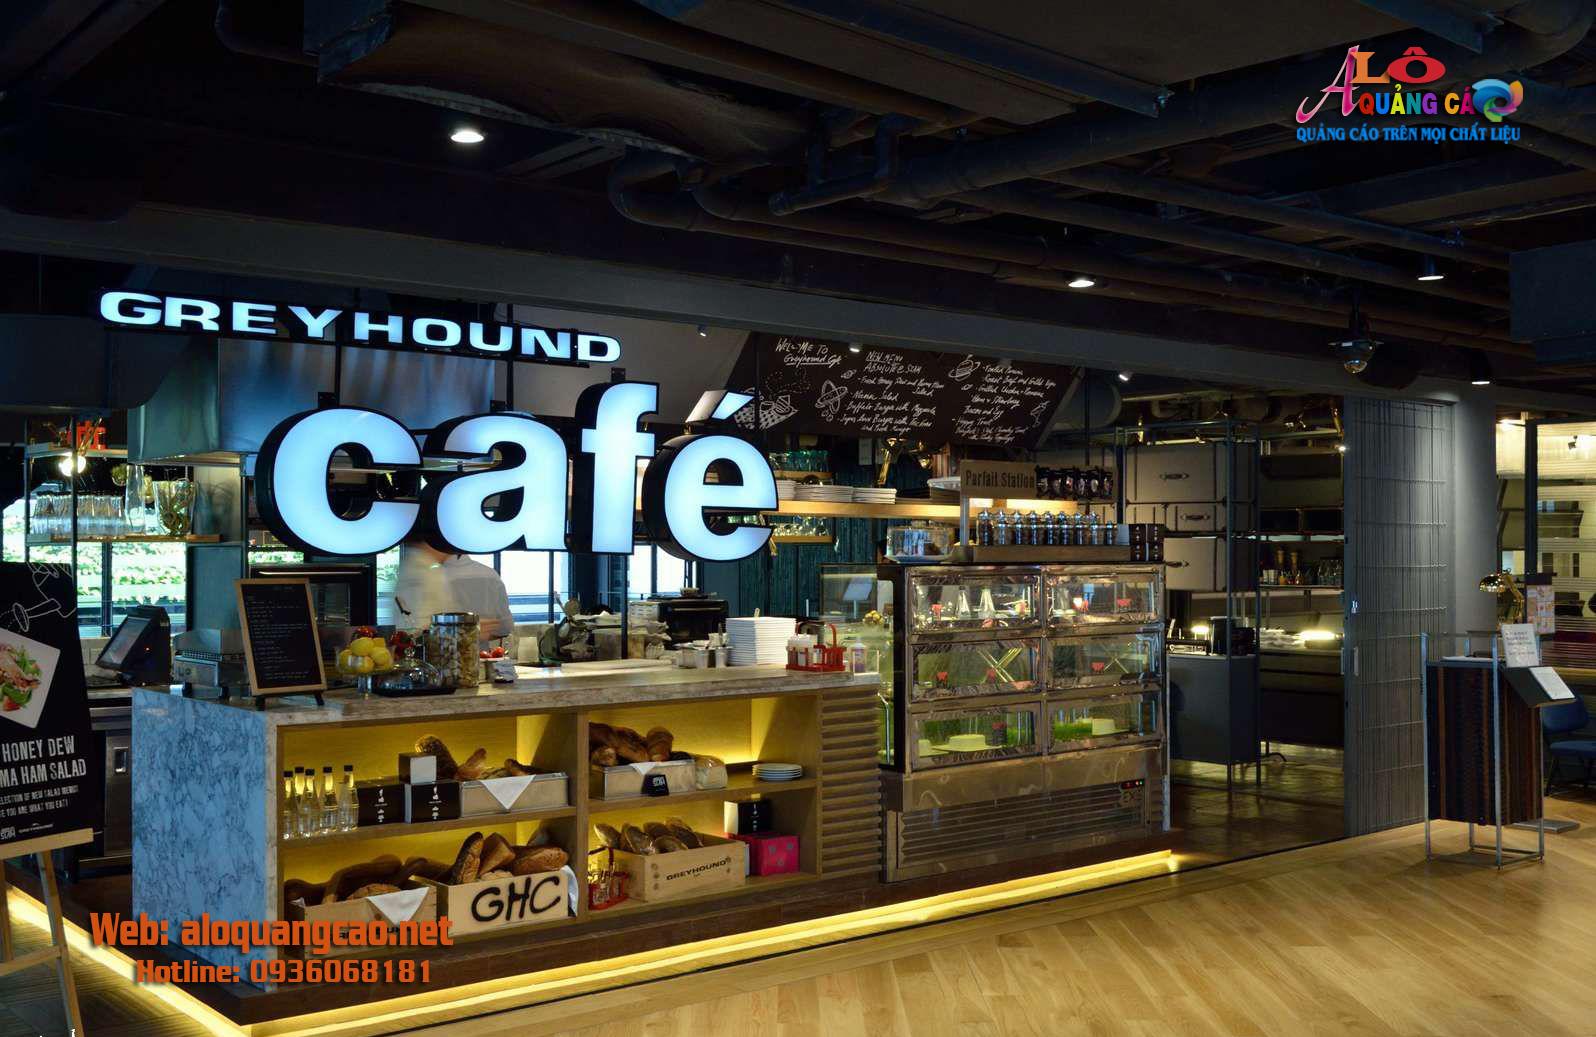 38 mẫu bảng biển hiệu quảng cáo quán Cà phê đẹp